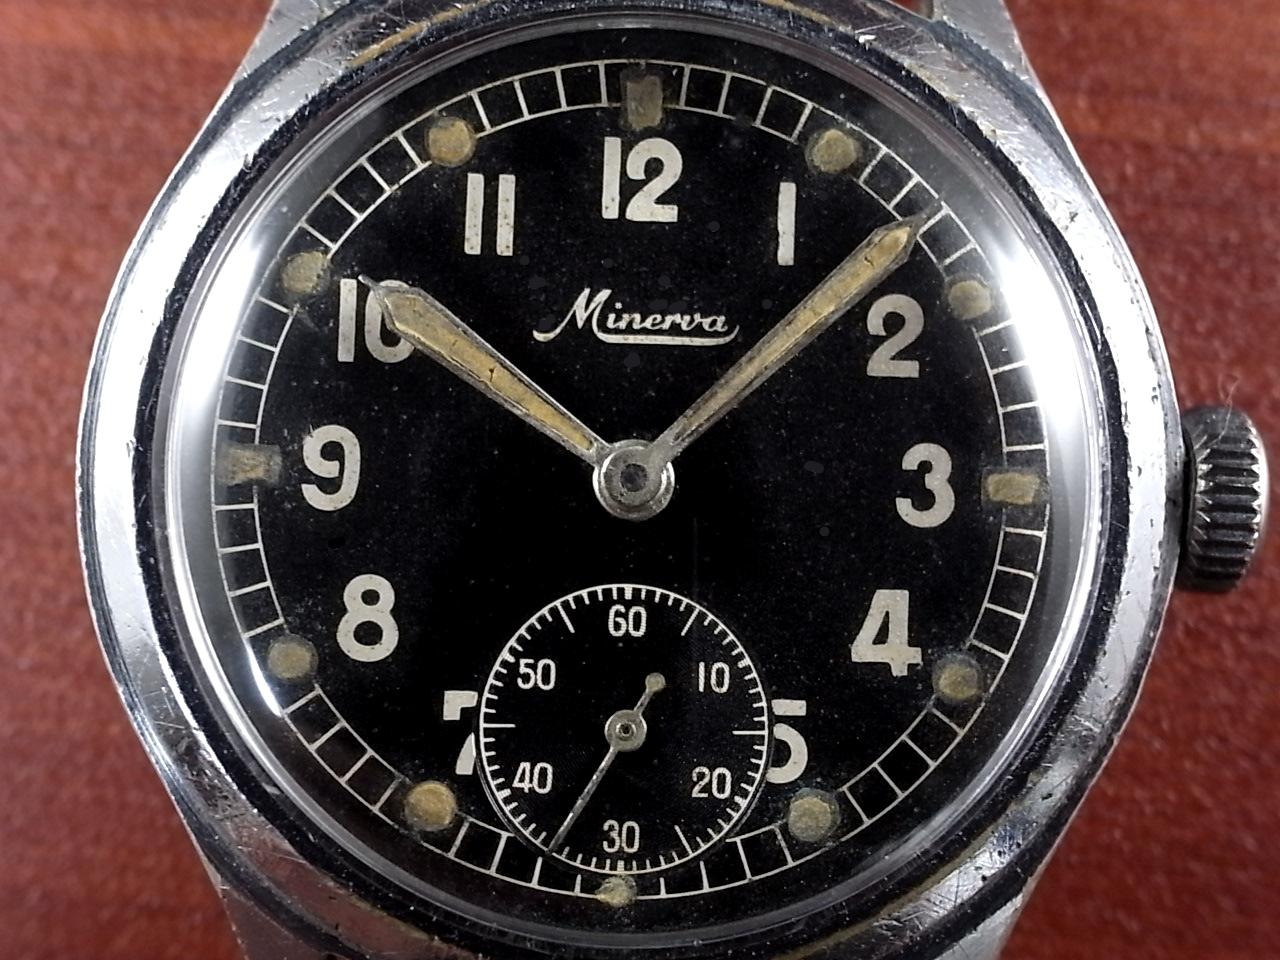 ミネルバ 軍用時計 ドイツ陸軍 DH スクリューバック 1940年代の写真2枚目